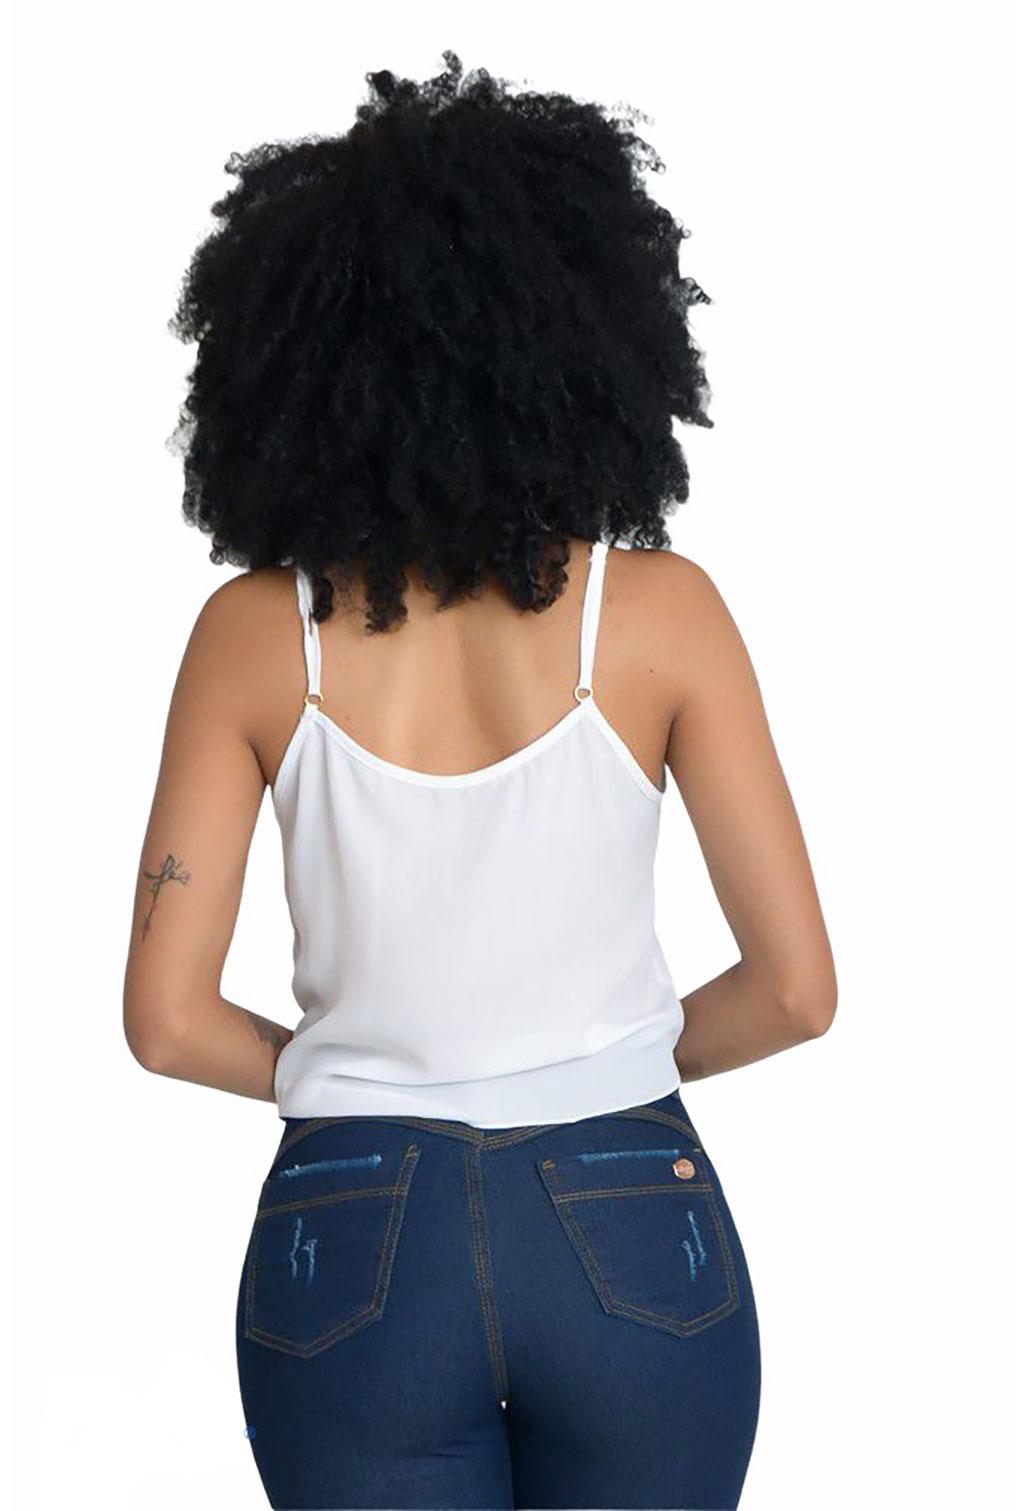 Cropped Botão Laço  - ModaStore   Moda Feminina